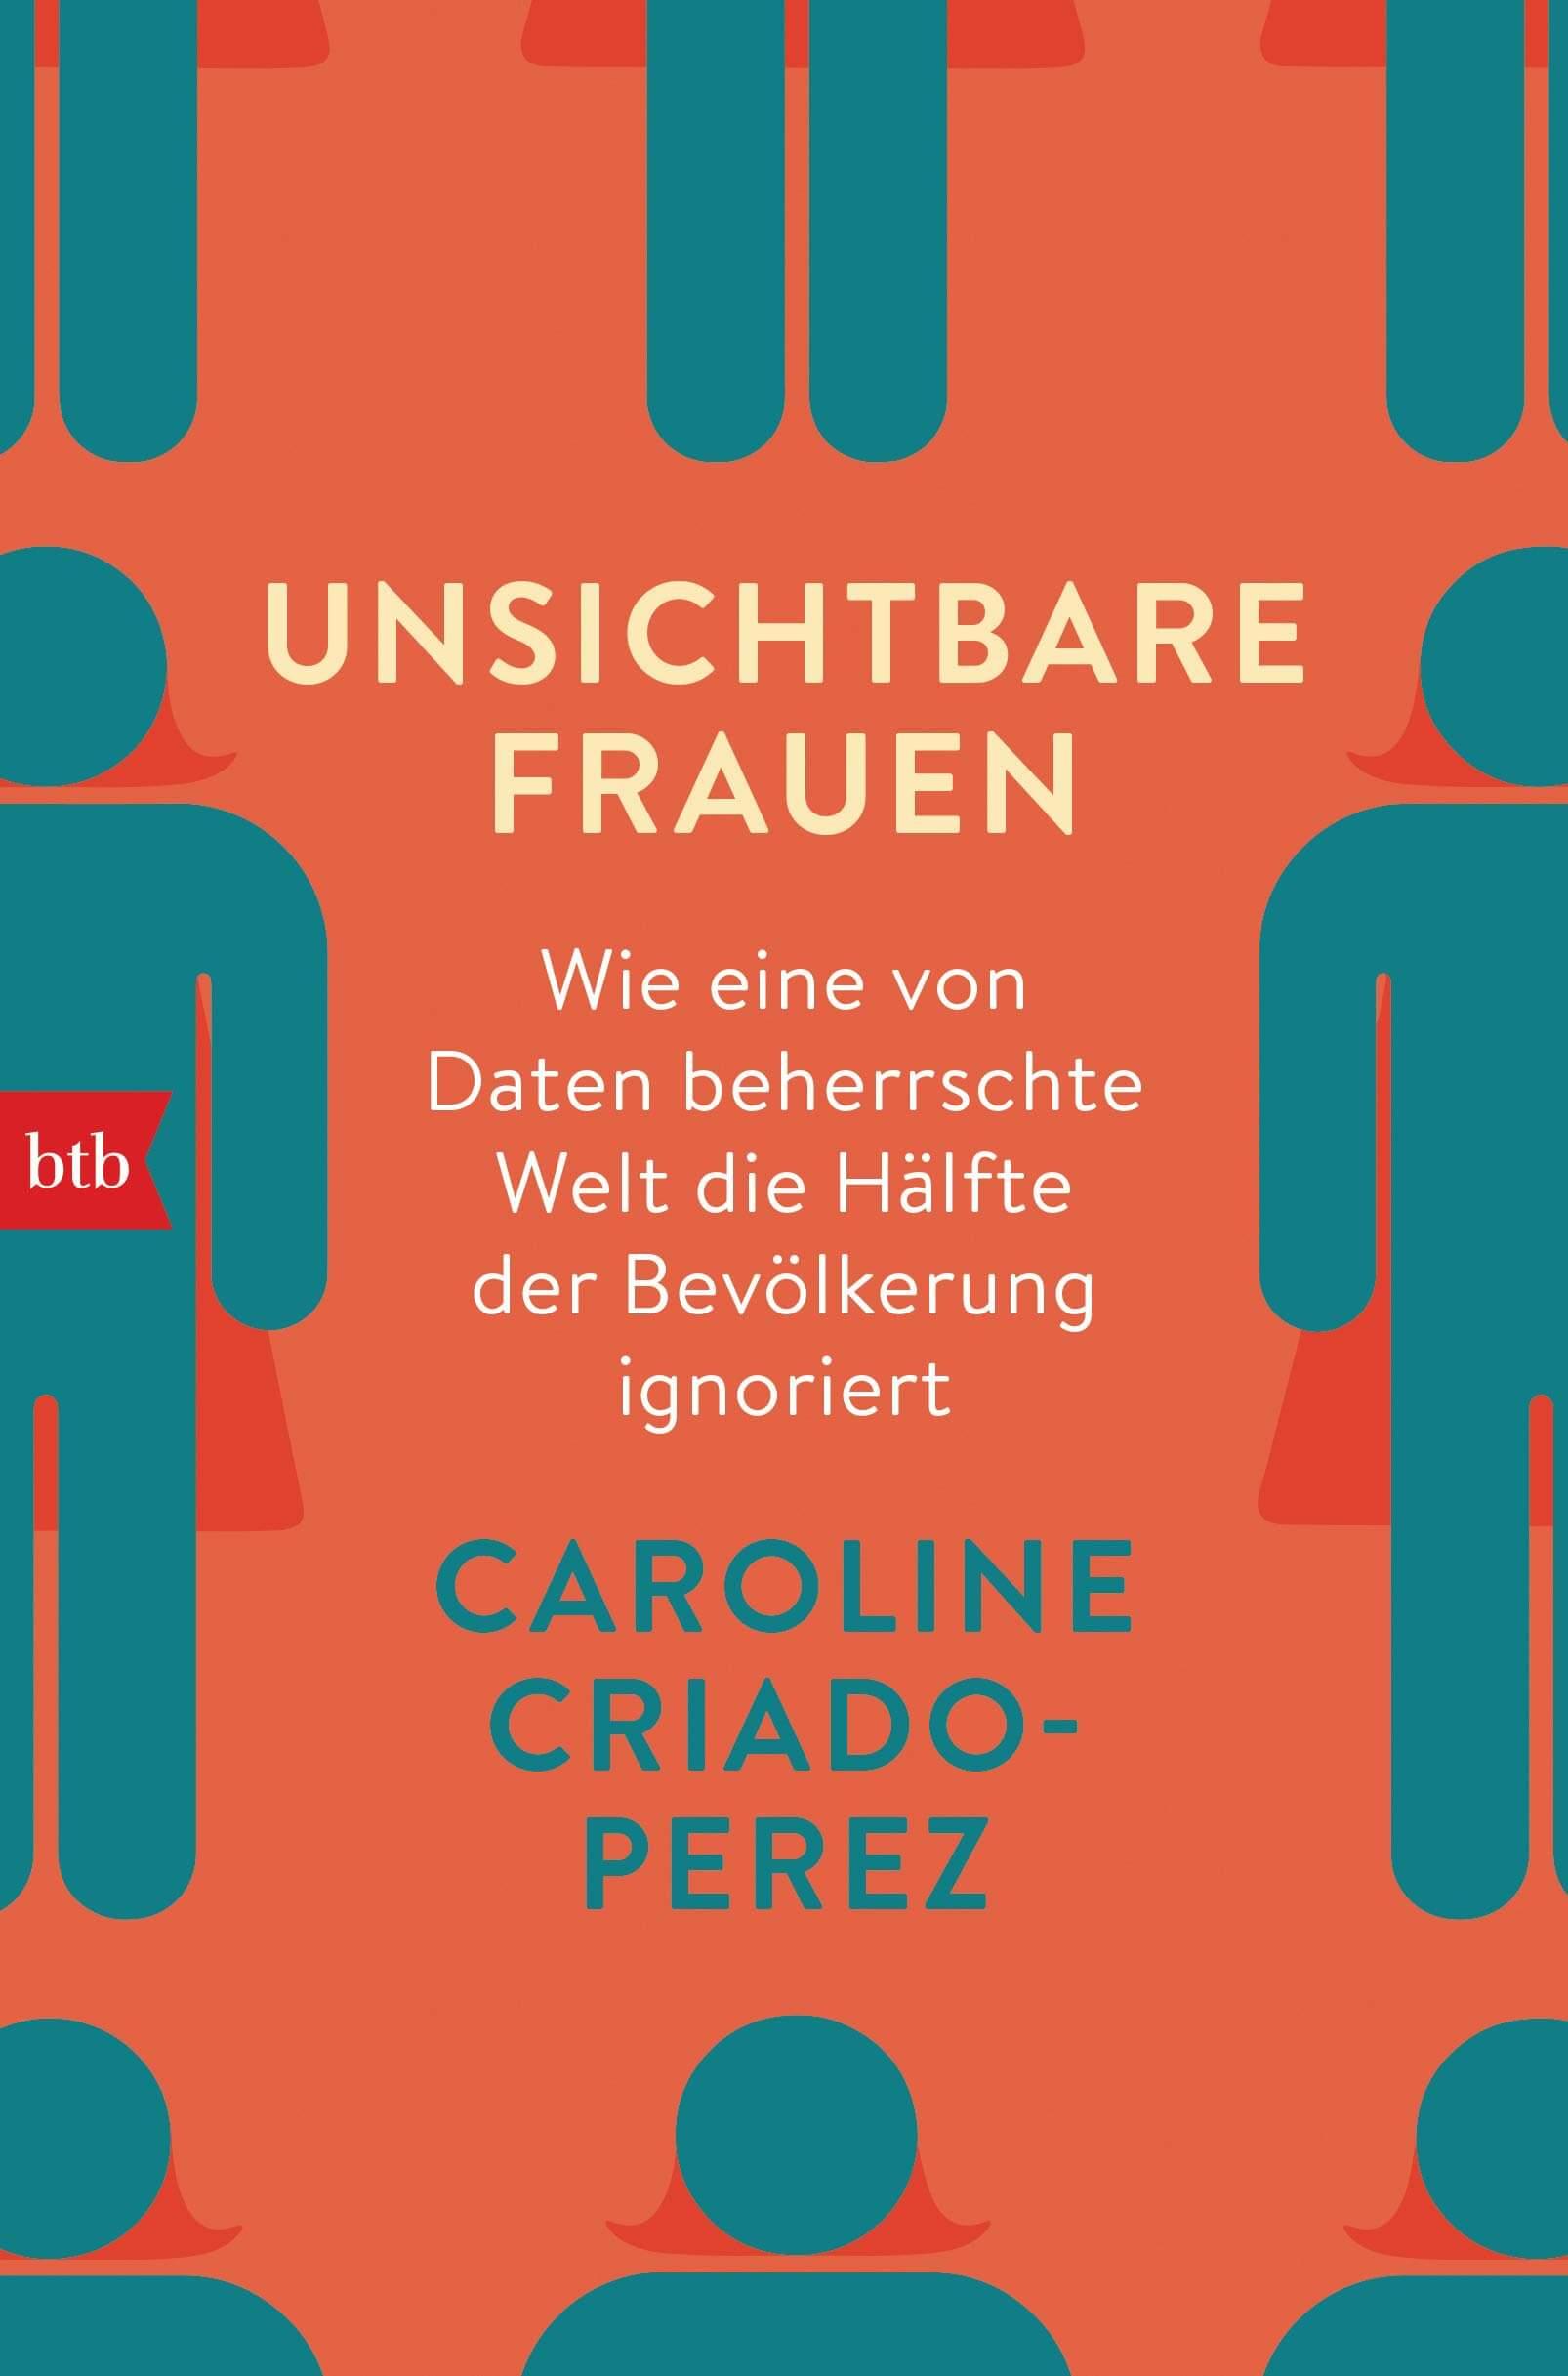 Unsichtbare Frauen: Wie eine von Daten beherrschte Welt die Hälfte der Bevölkerung ignoriert